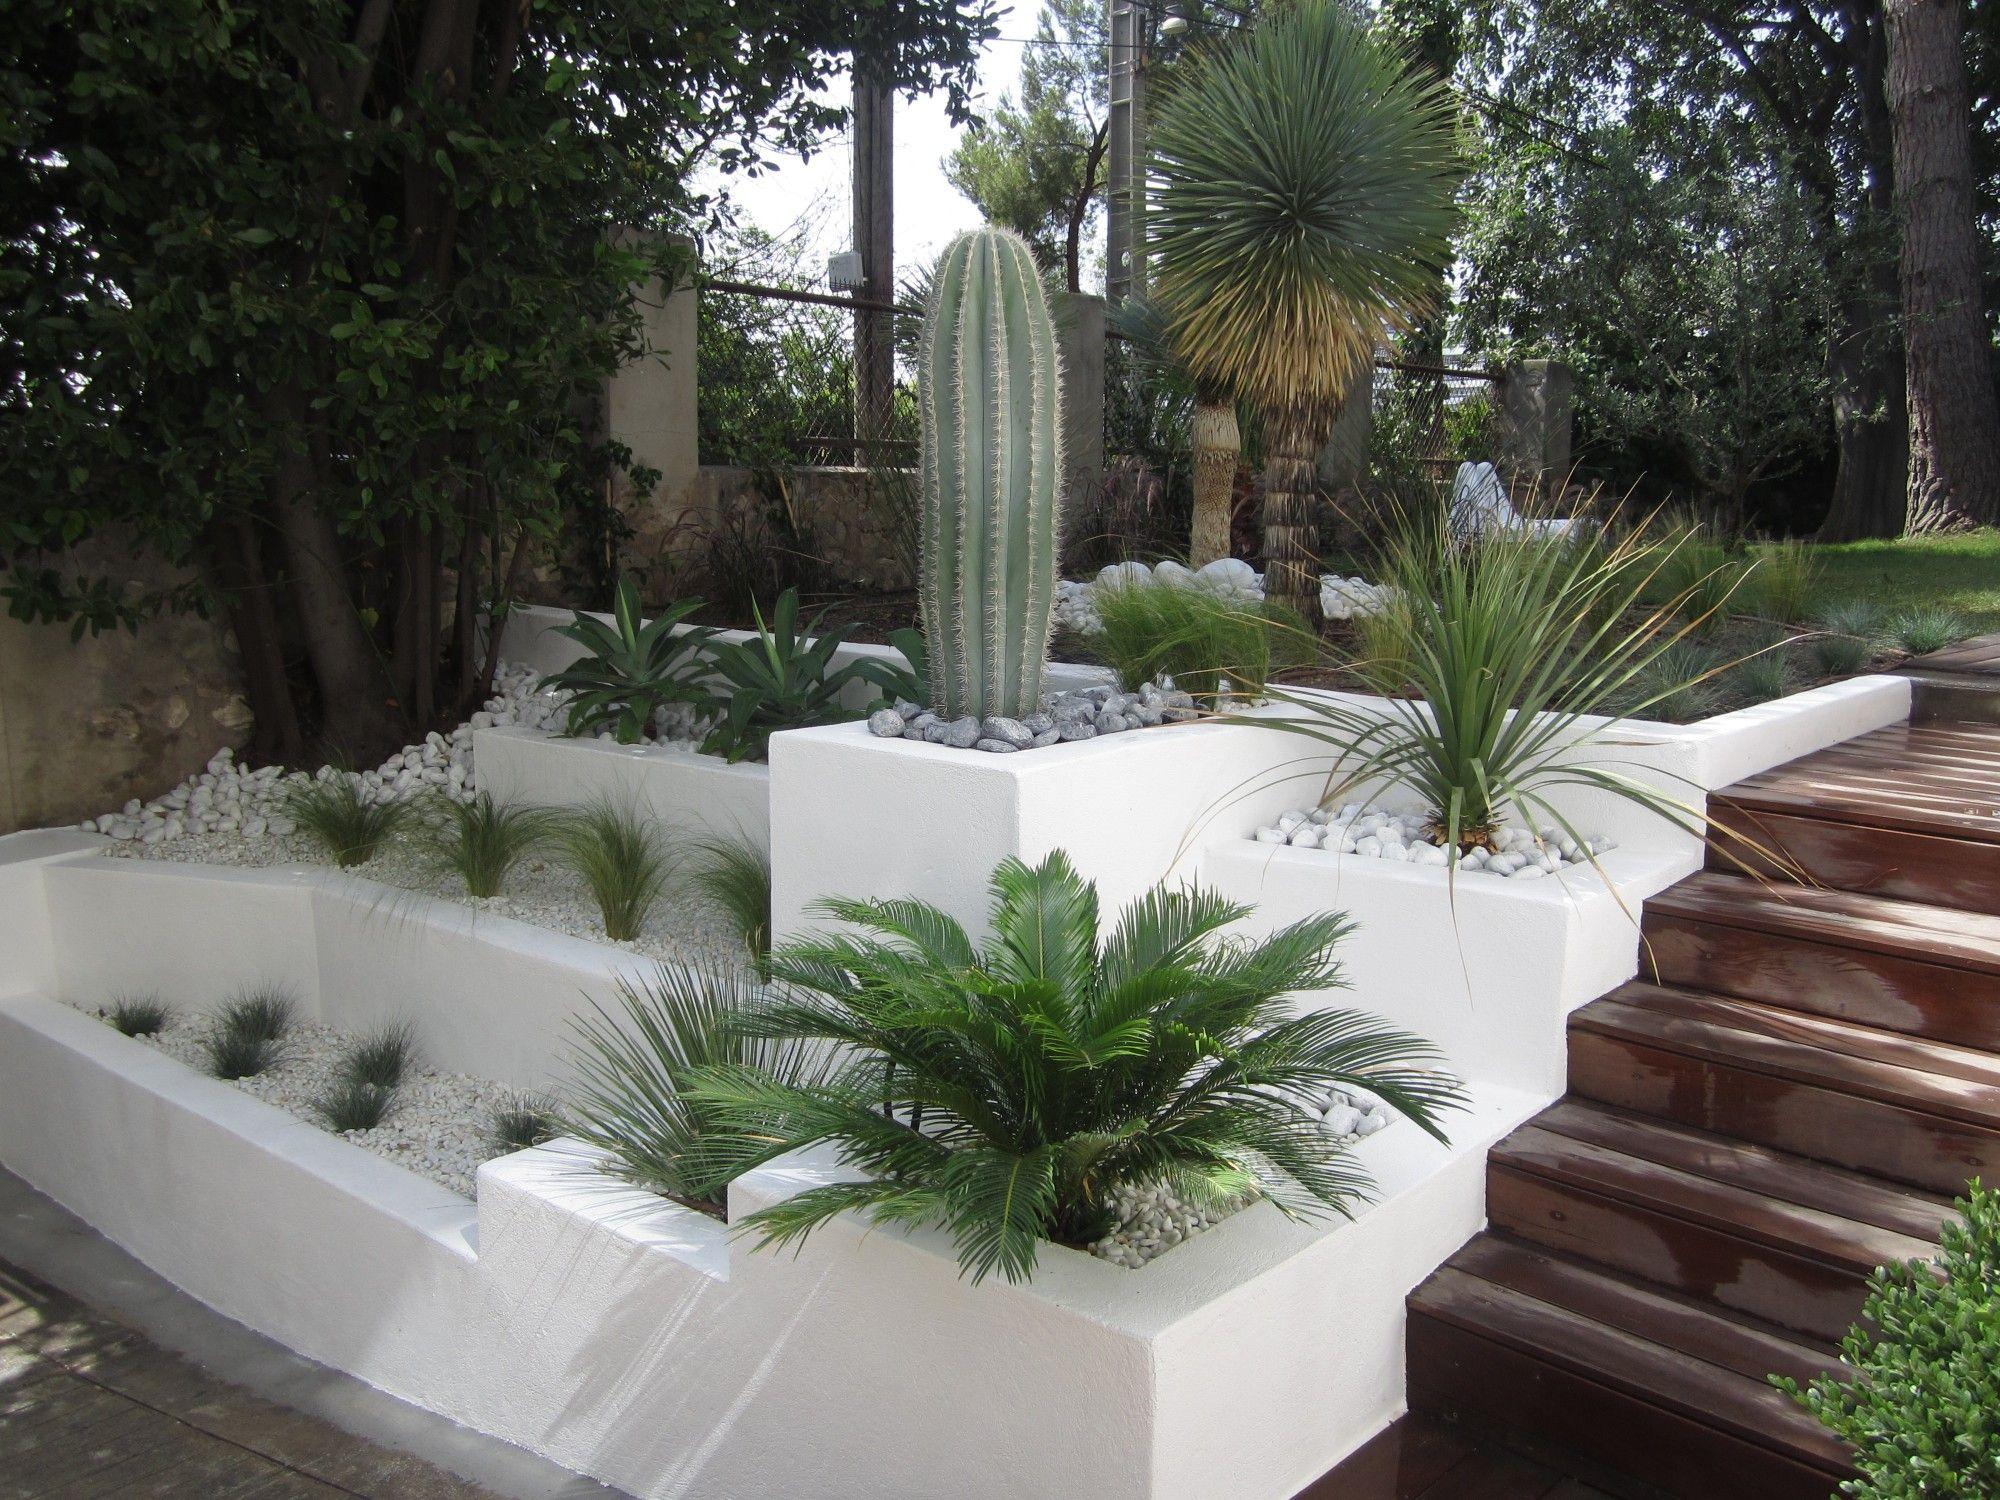 Voici Un Exemple D'aménagement De L'entrée Principale D'une ... pour Exemple De Jardin Méditerranéen